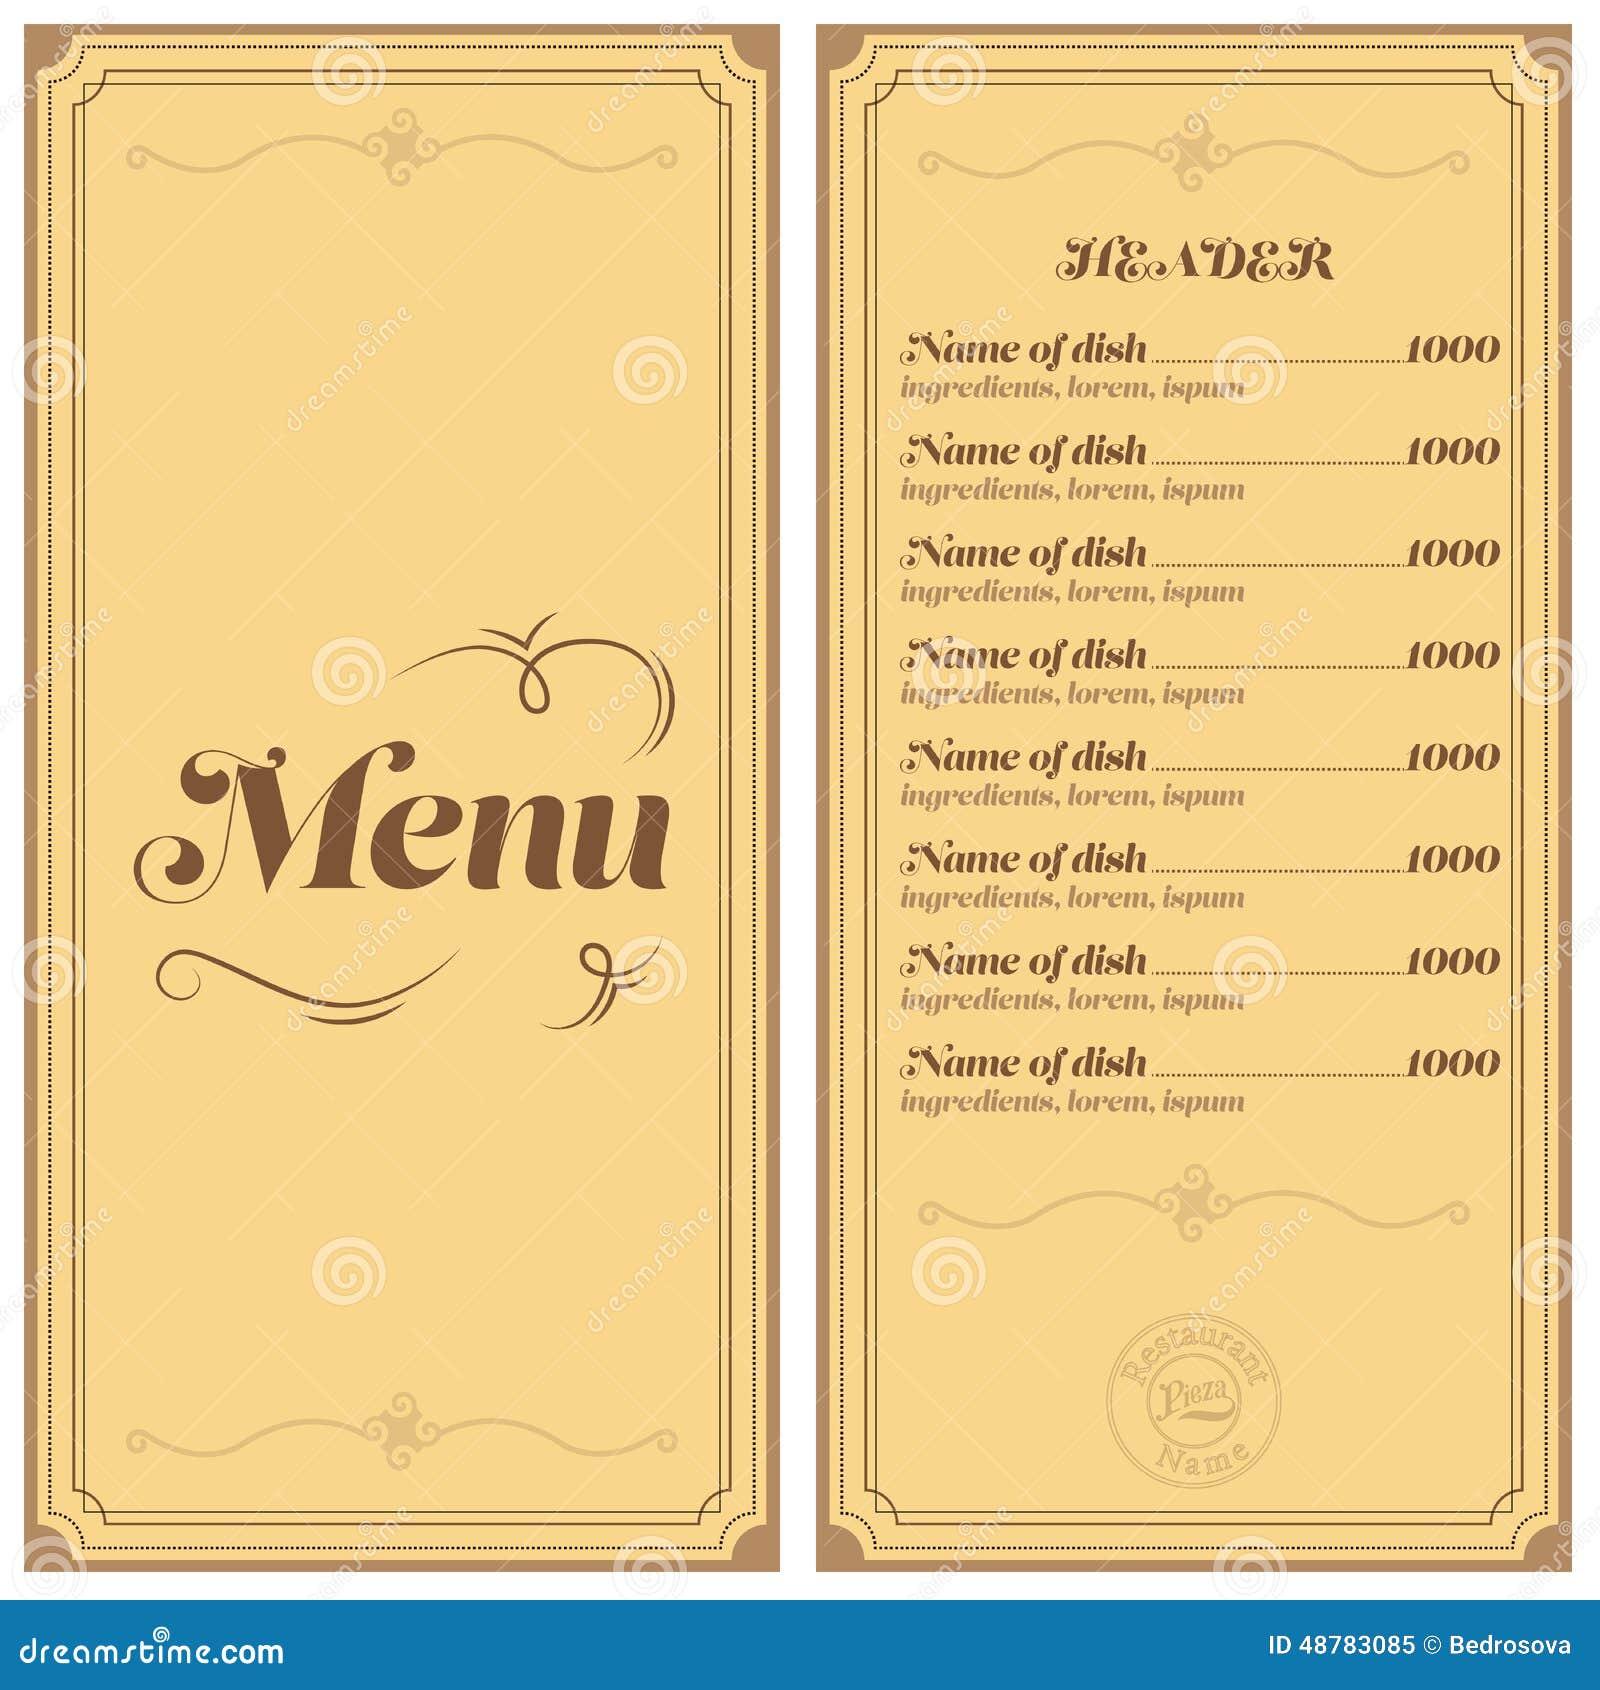 Как правильно создать меню ресторана | Ресторанные секреты | 1390x1300